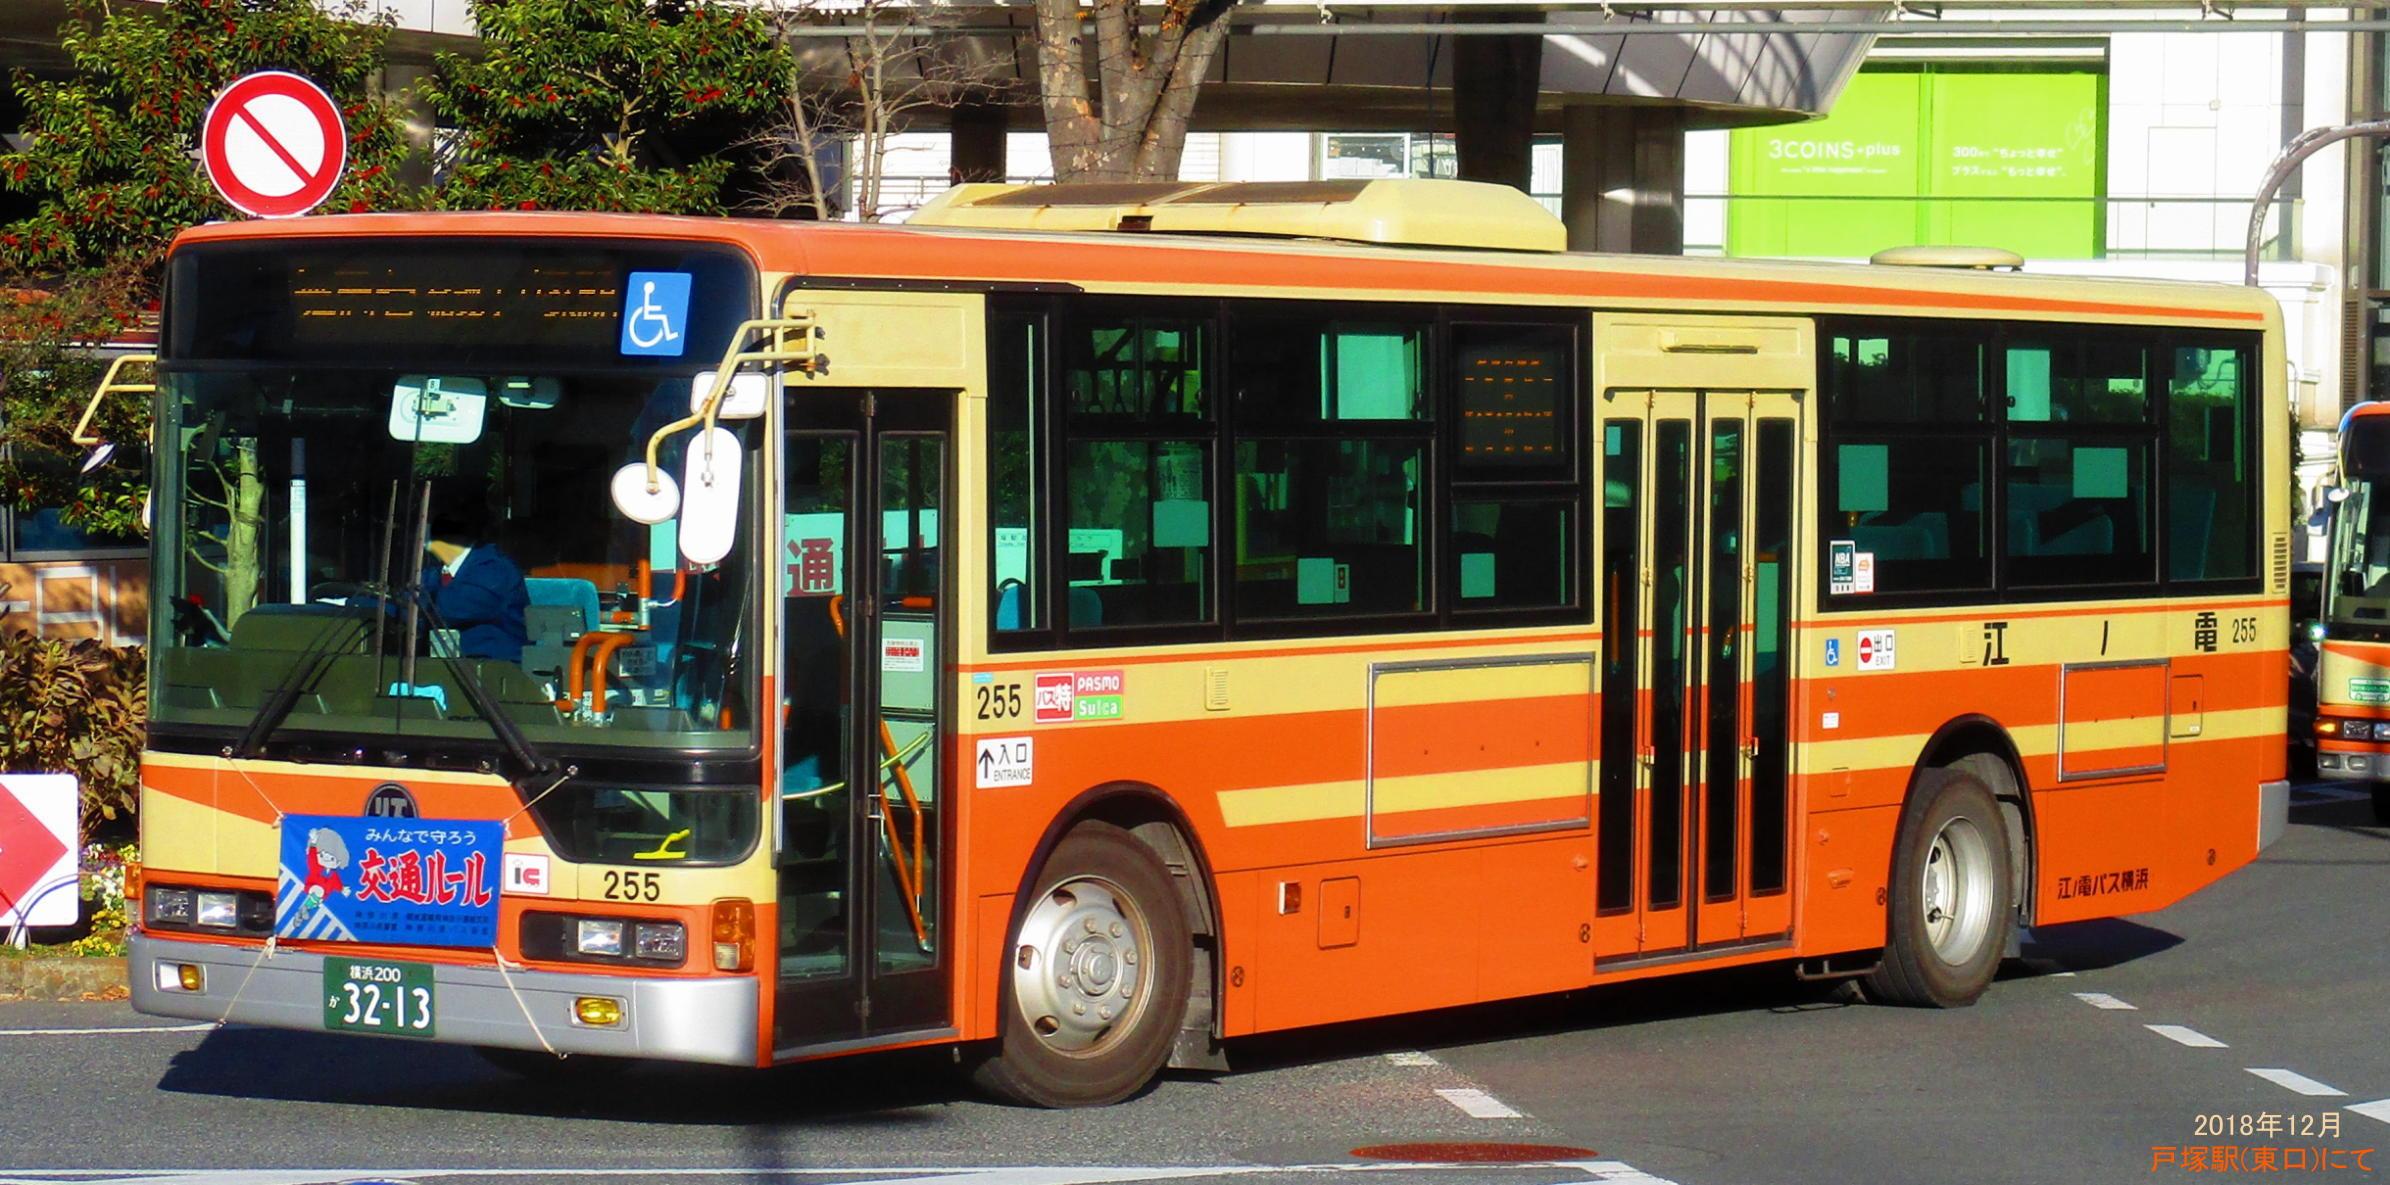 時刻 表 バス 江ノ電